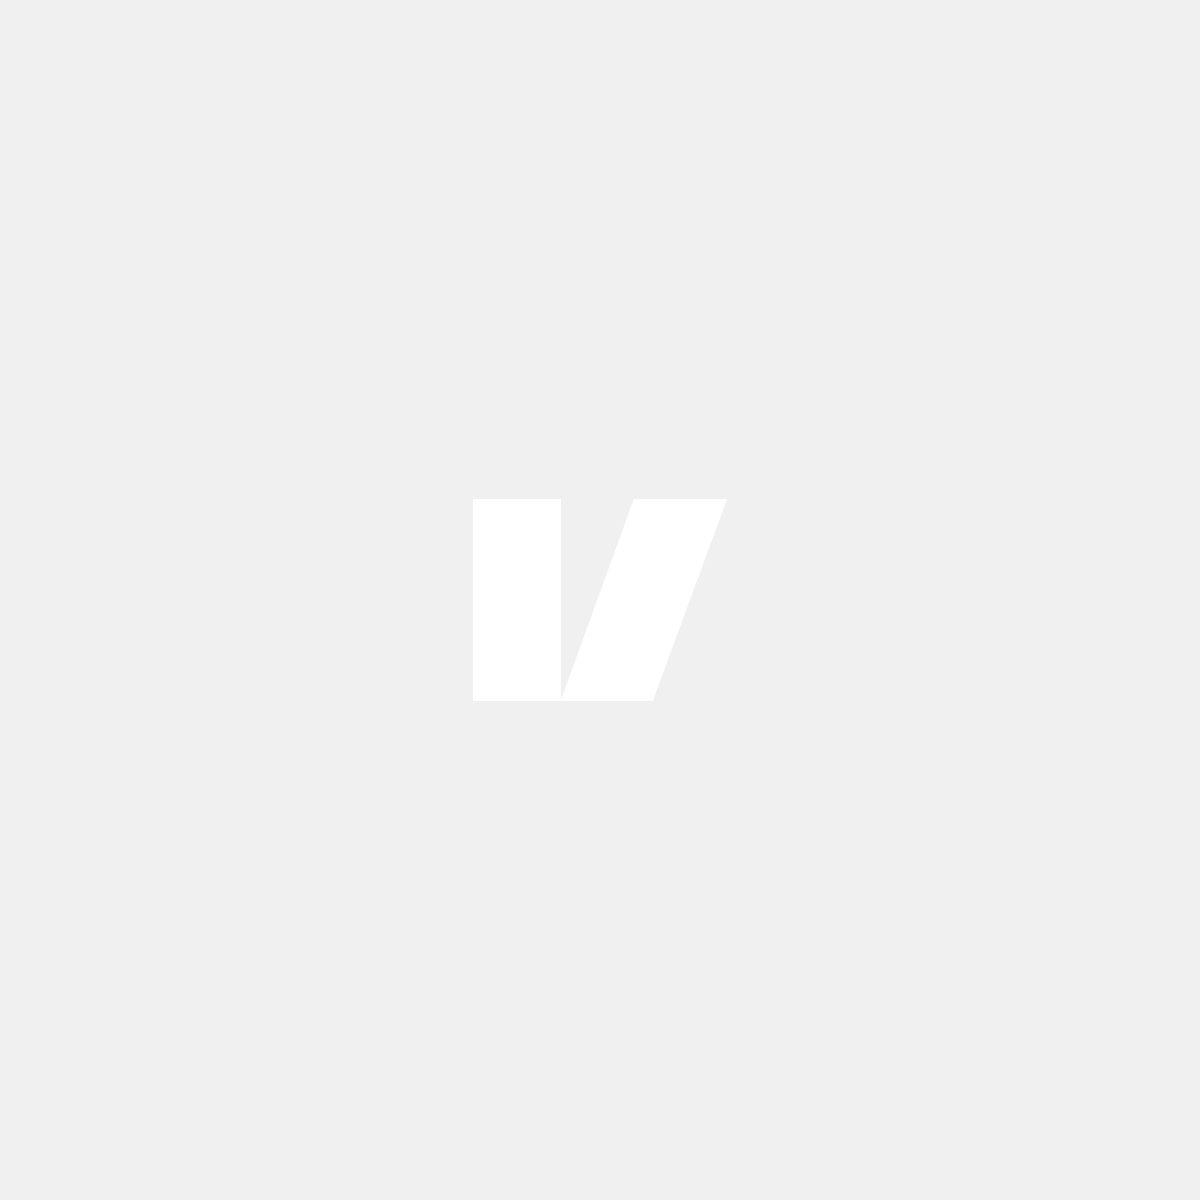 H&R sänkningsfjädersats 35mm, till Volvo V50